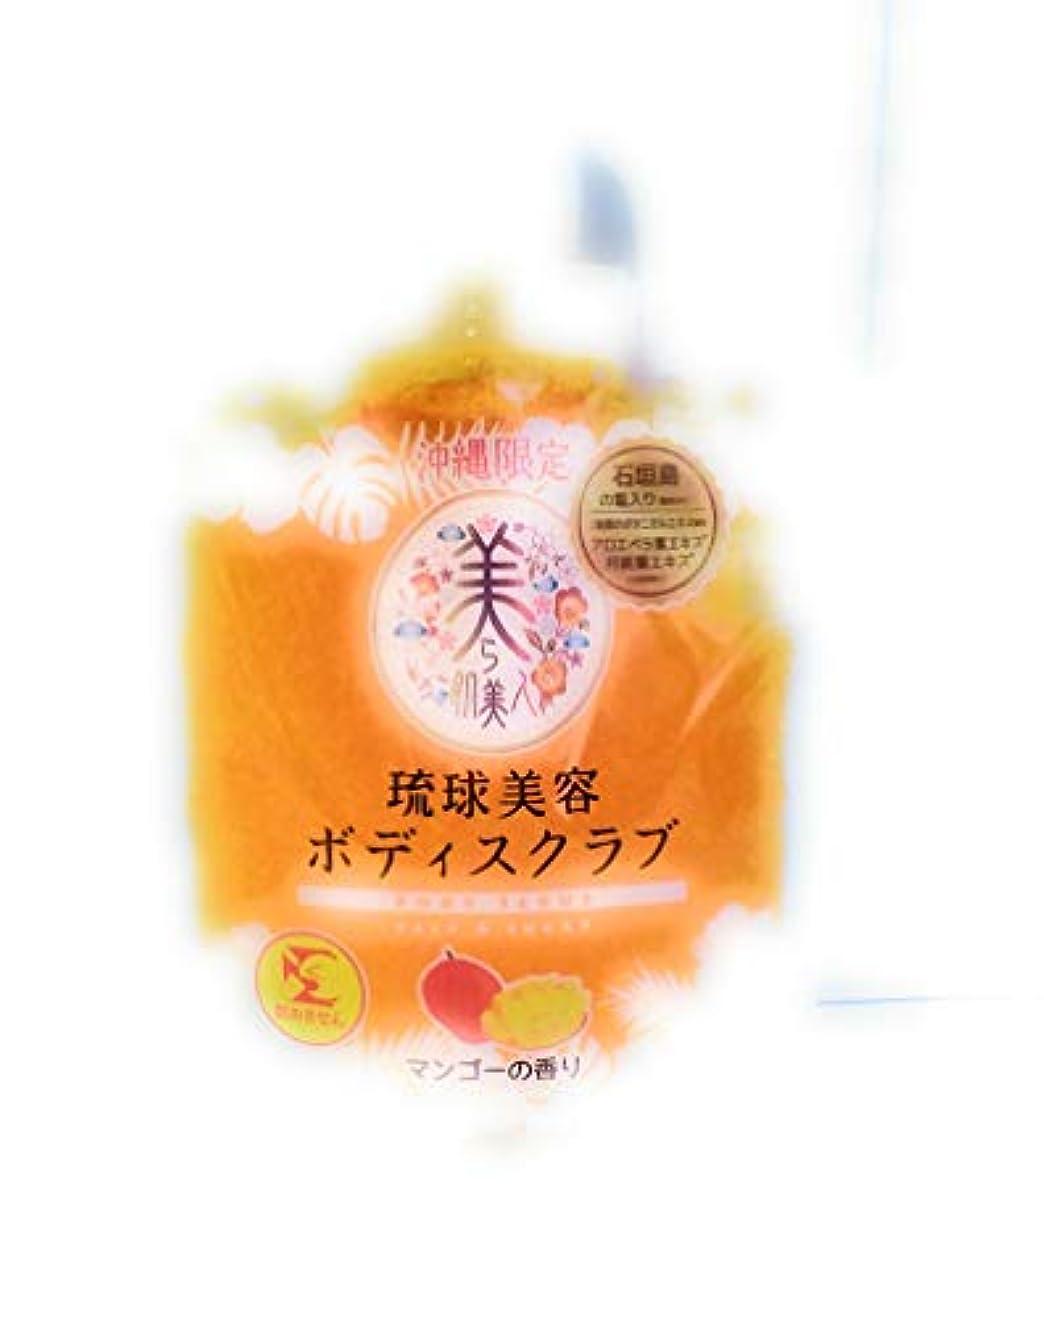 スロー汚れる施し沖縄限定 美ら肌美人 琉球美容ボディスクラブ マンゴーの香り